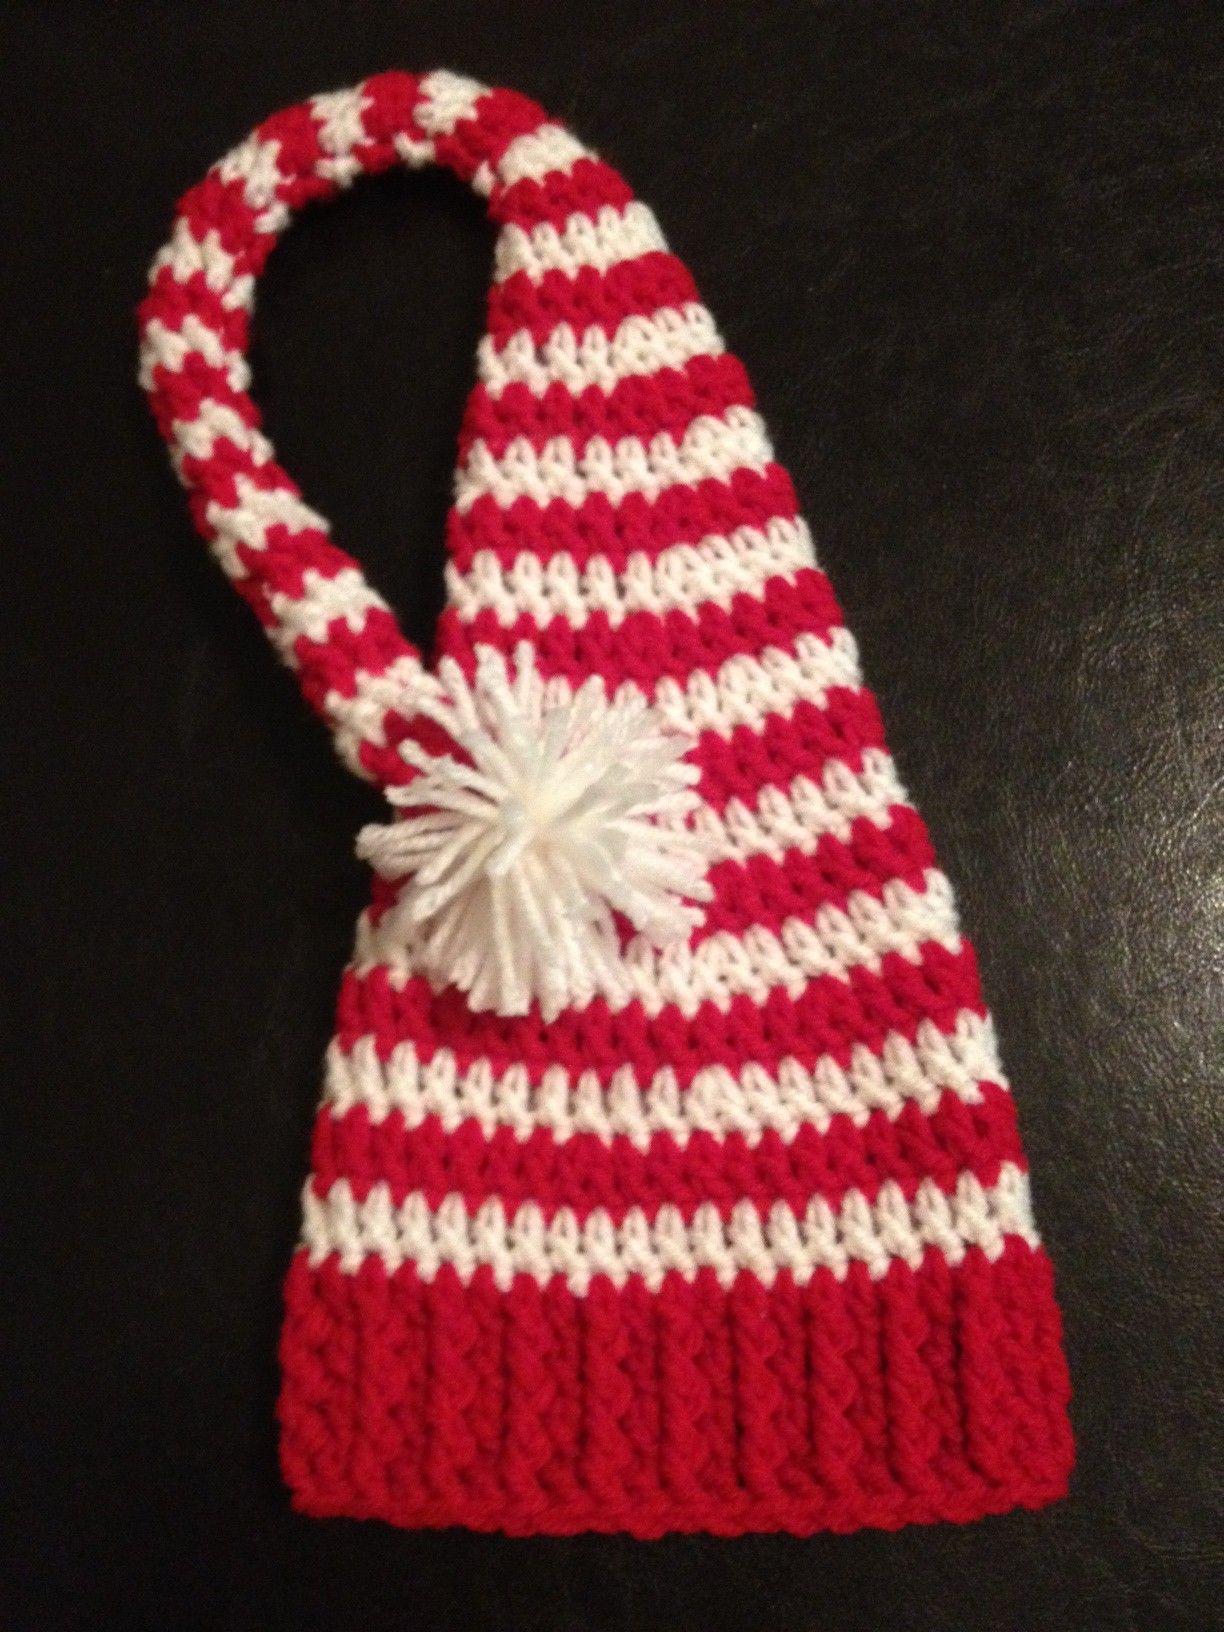 Crochet baby elf hat....for next baby\'s newborn pix   Pics ...